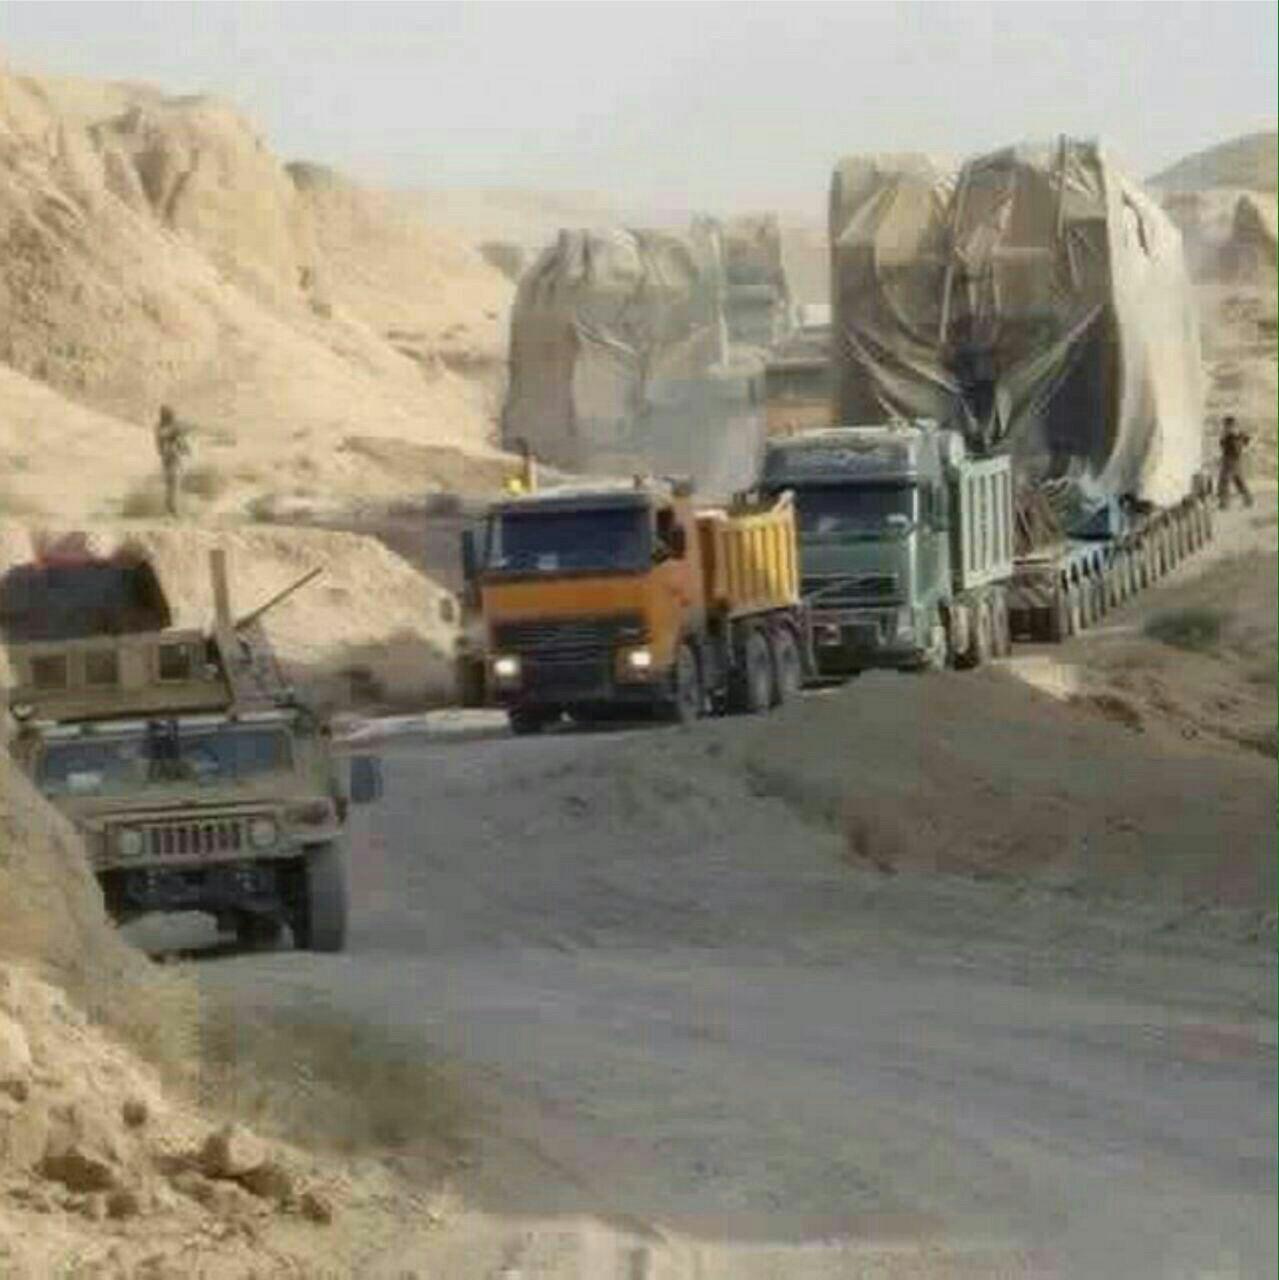 بازگشت سلیمانی با موشک زلزال به خاک عراق+عکس